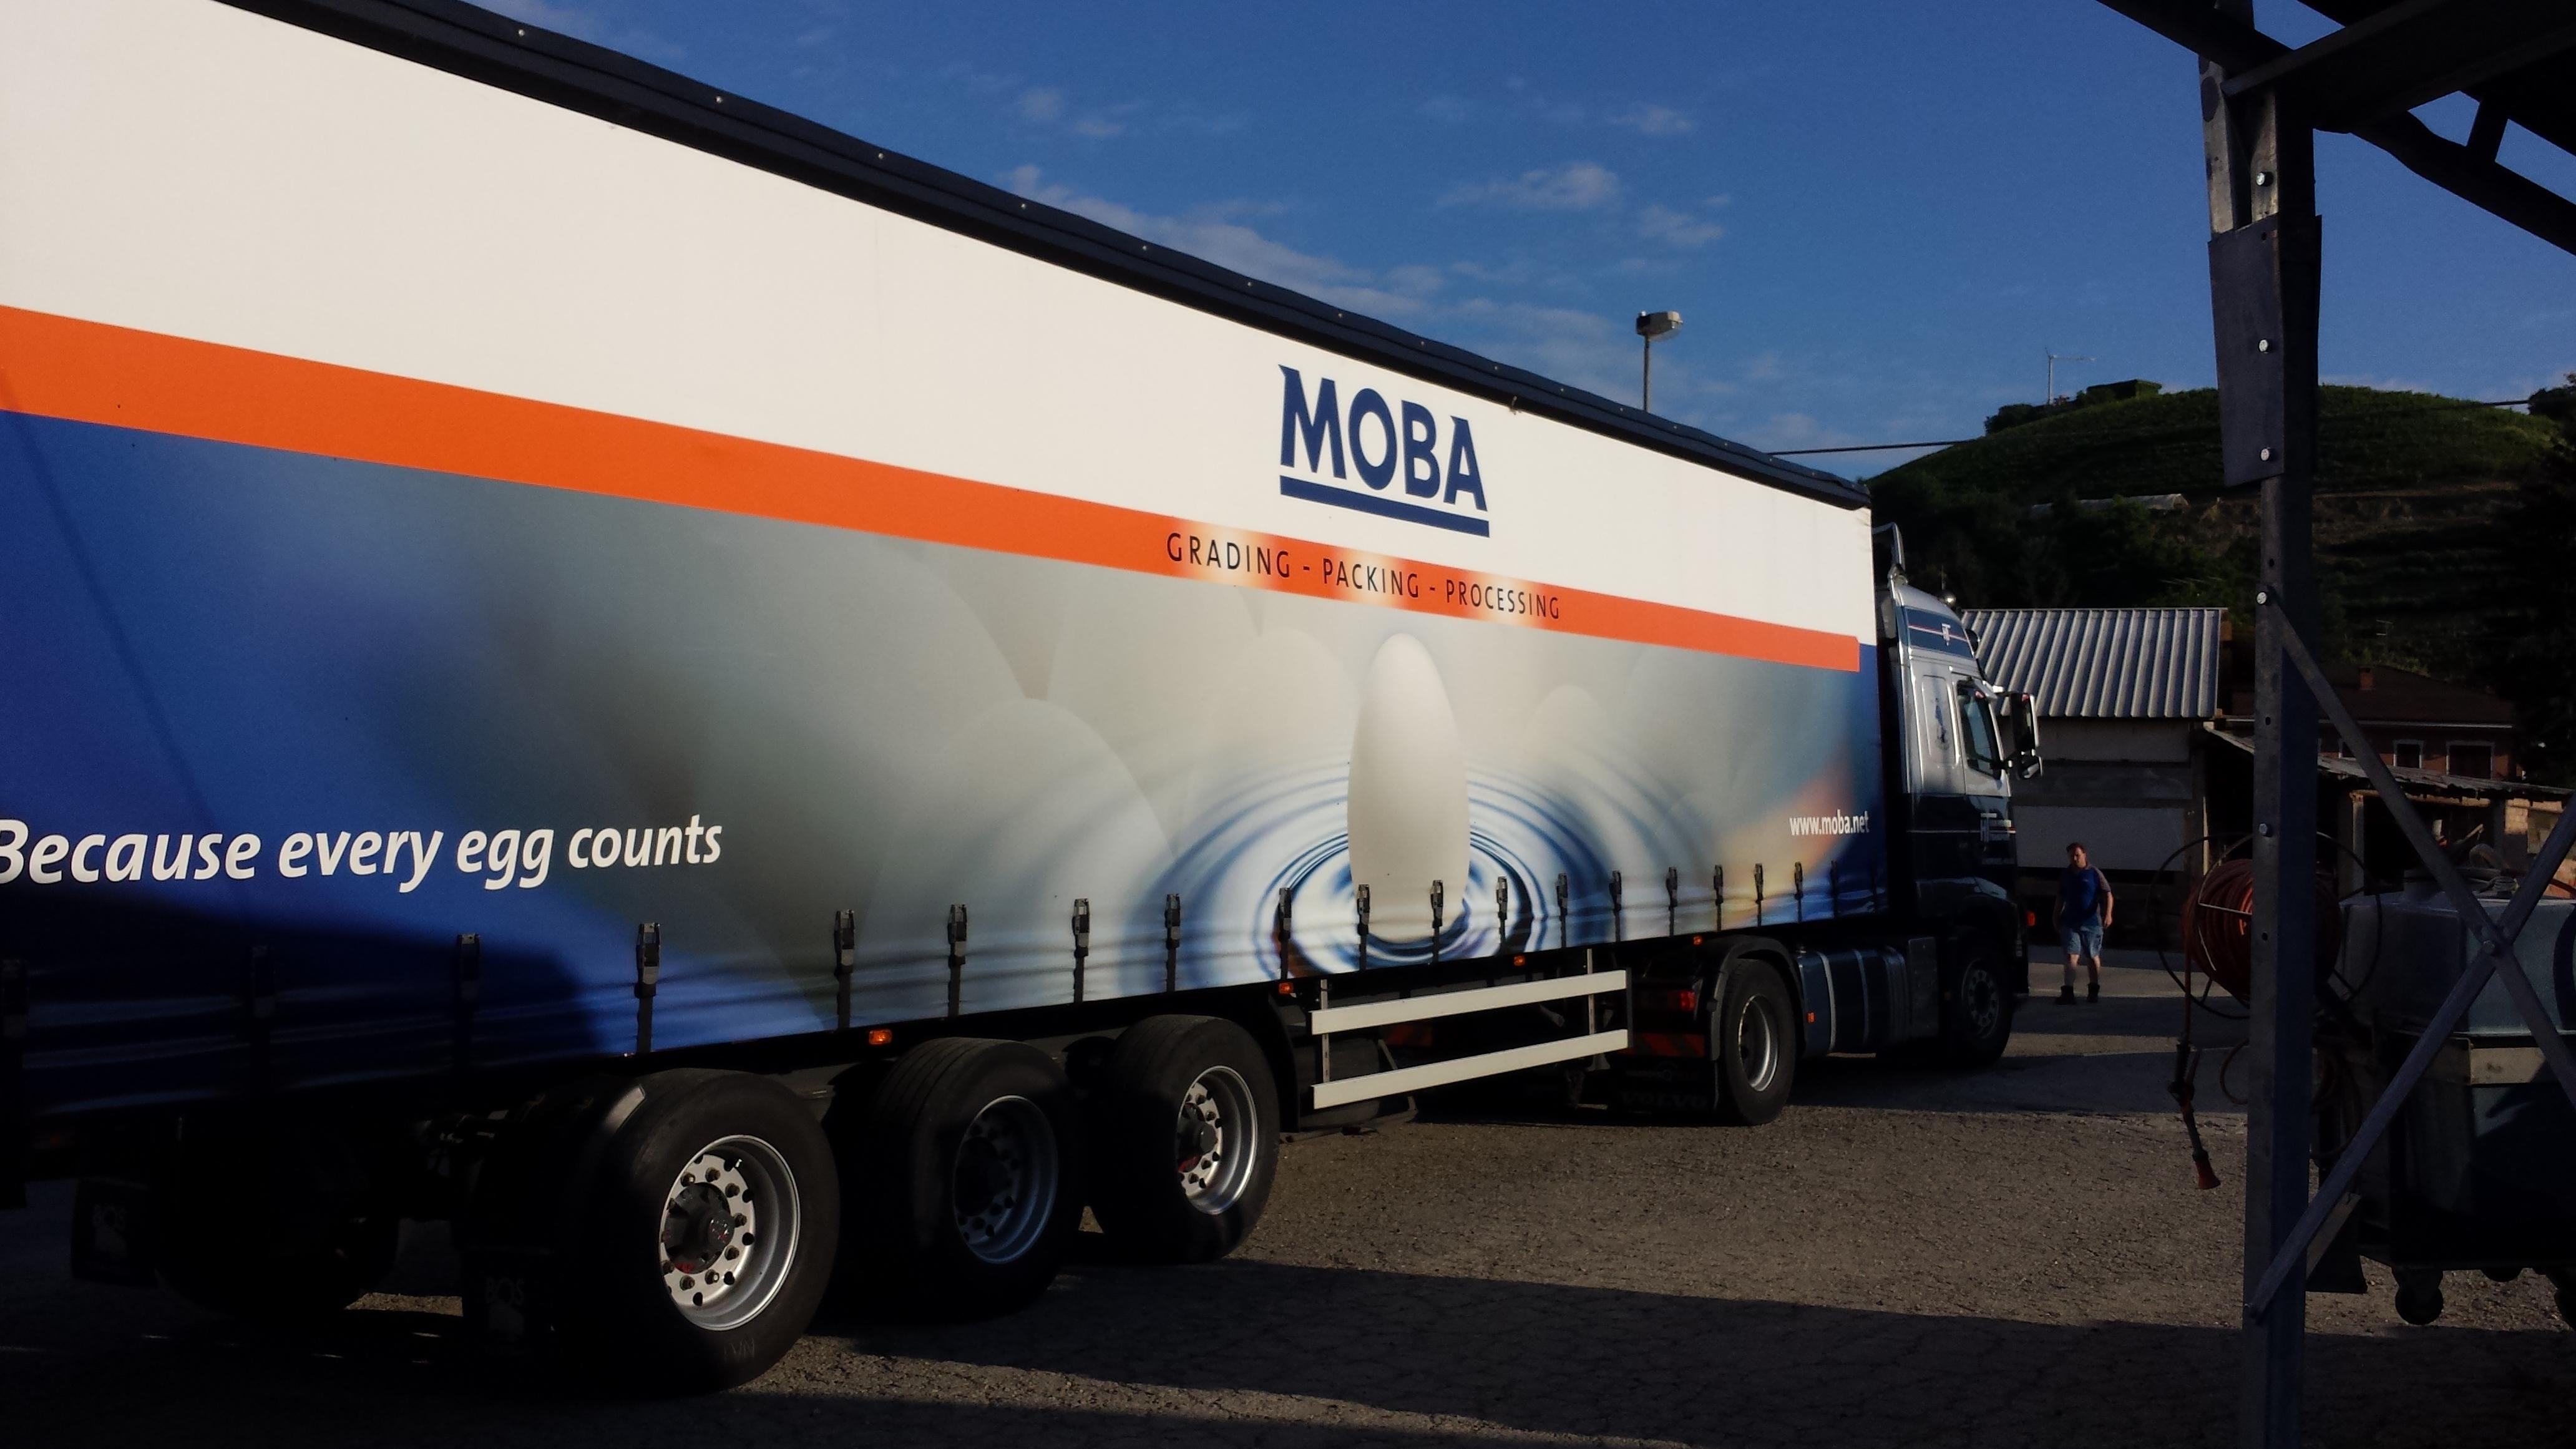 Moba 2500